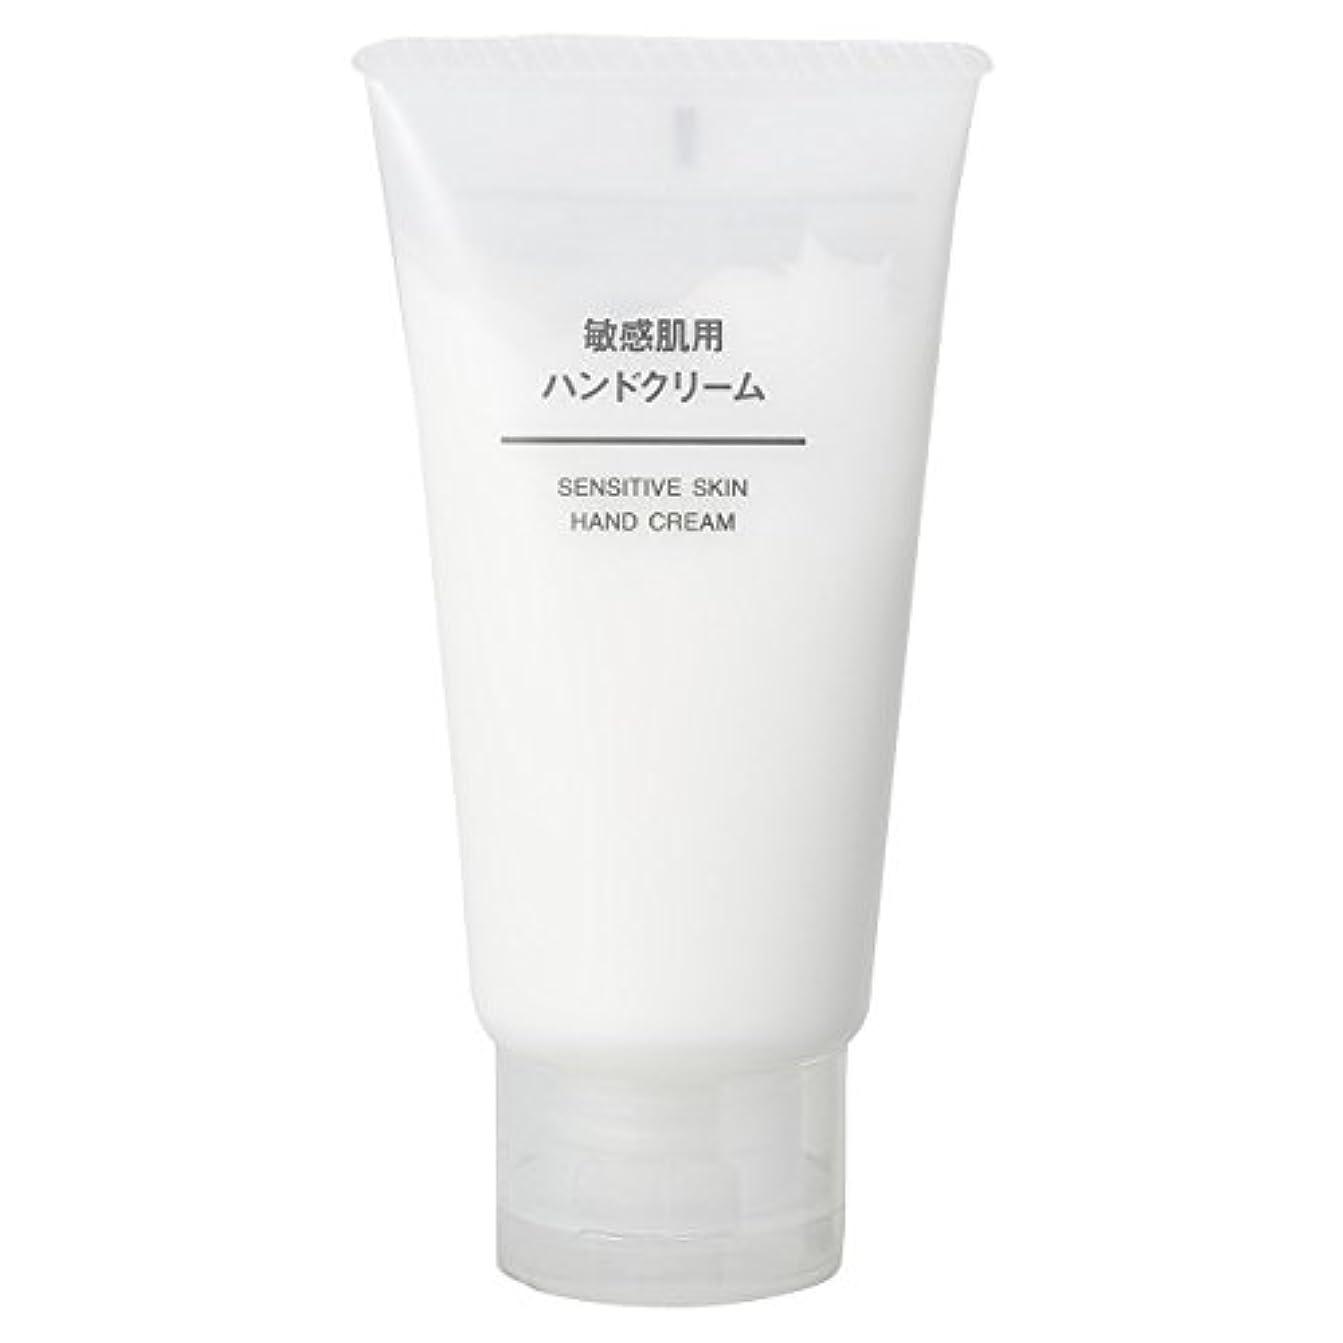 回想準備送料無印良品 敏感肌用 ハンドクリーム 50g 日本製